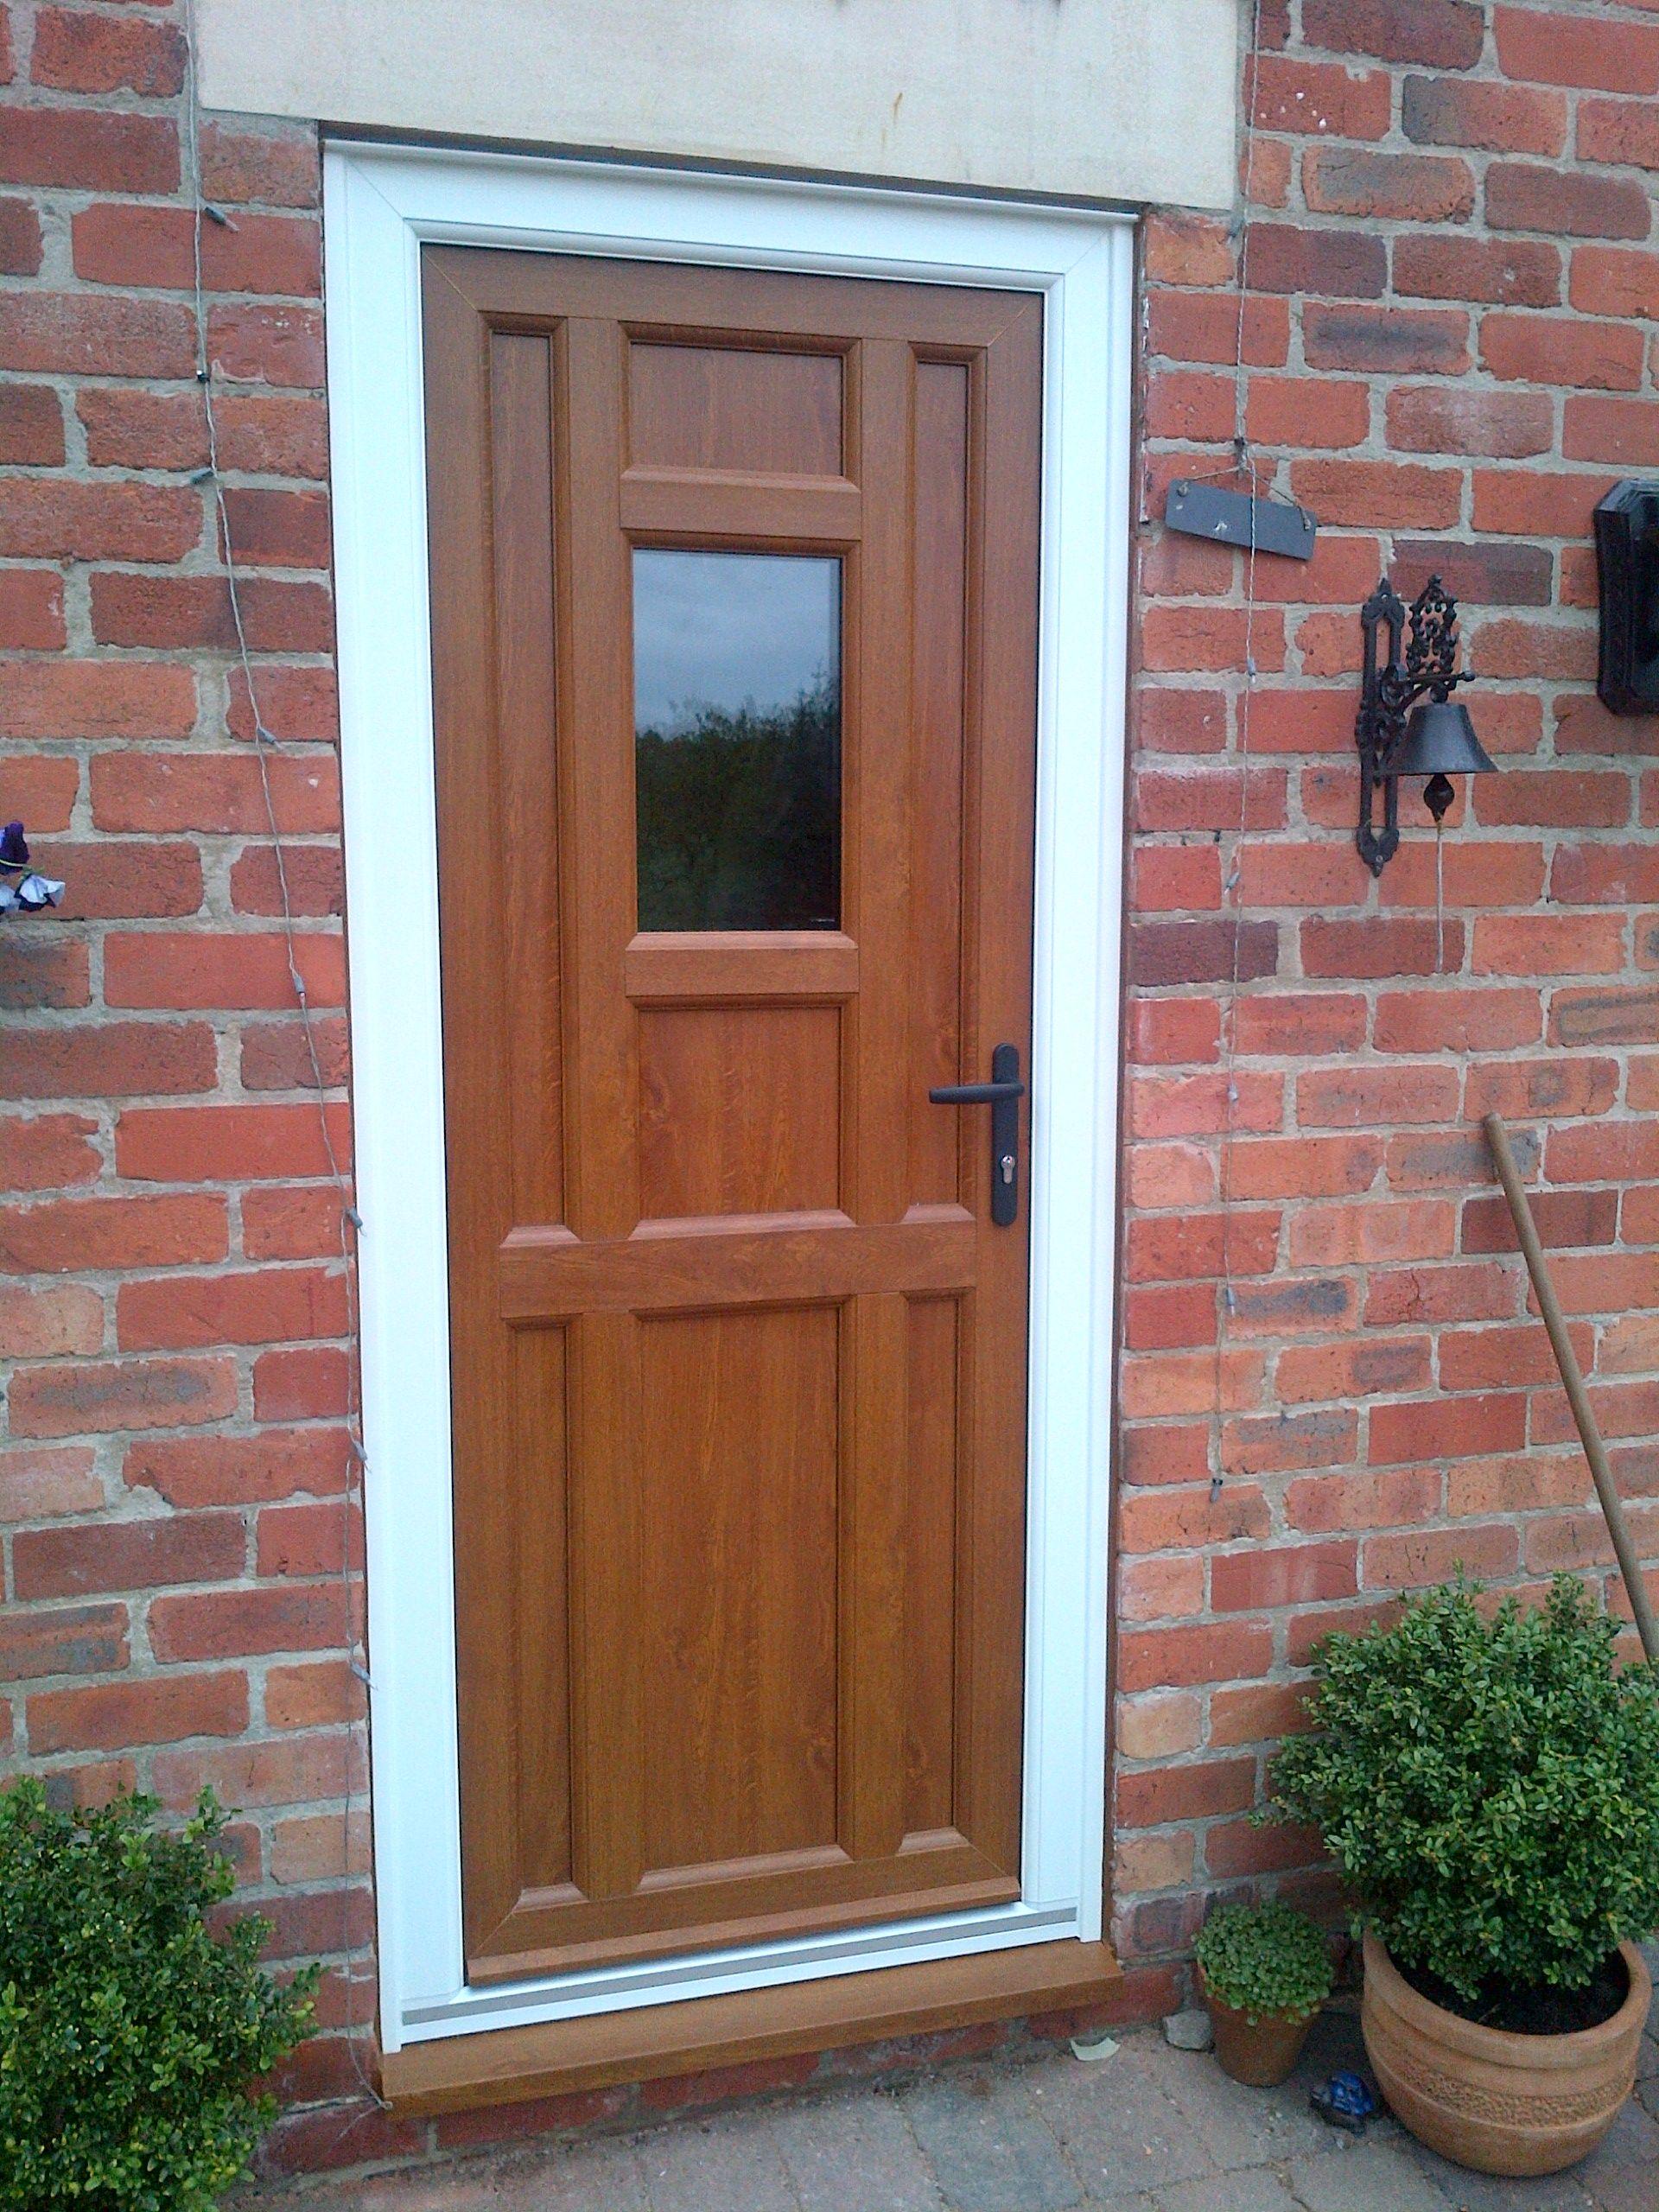 Fenesta upvc doors windows glass flooring - Bespoke Upvc Front Door In Light Oak With Black Door Furniture Https Upvcfabricatorsindelhi